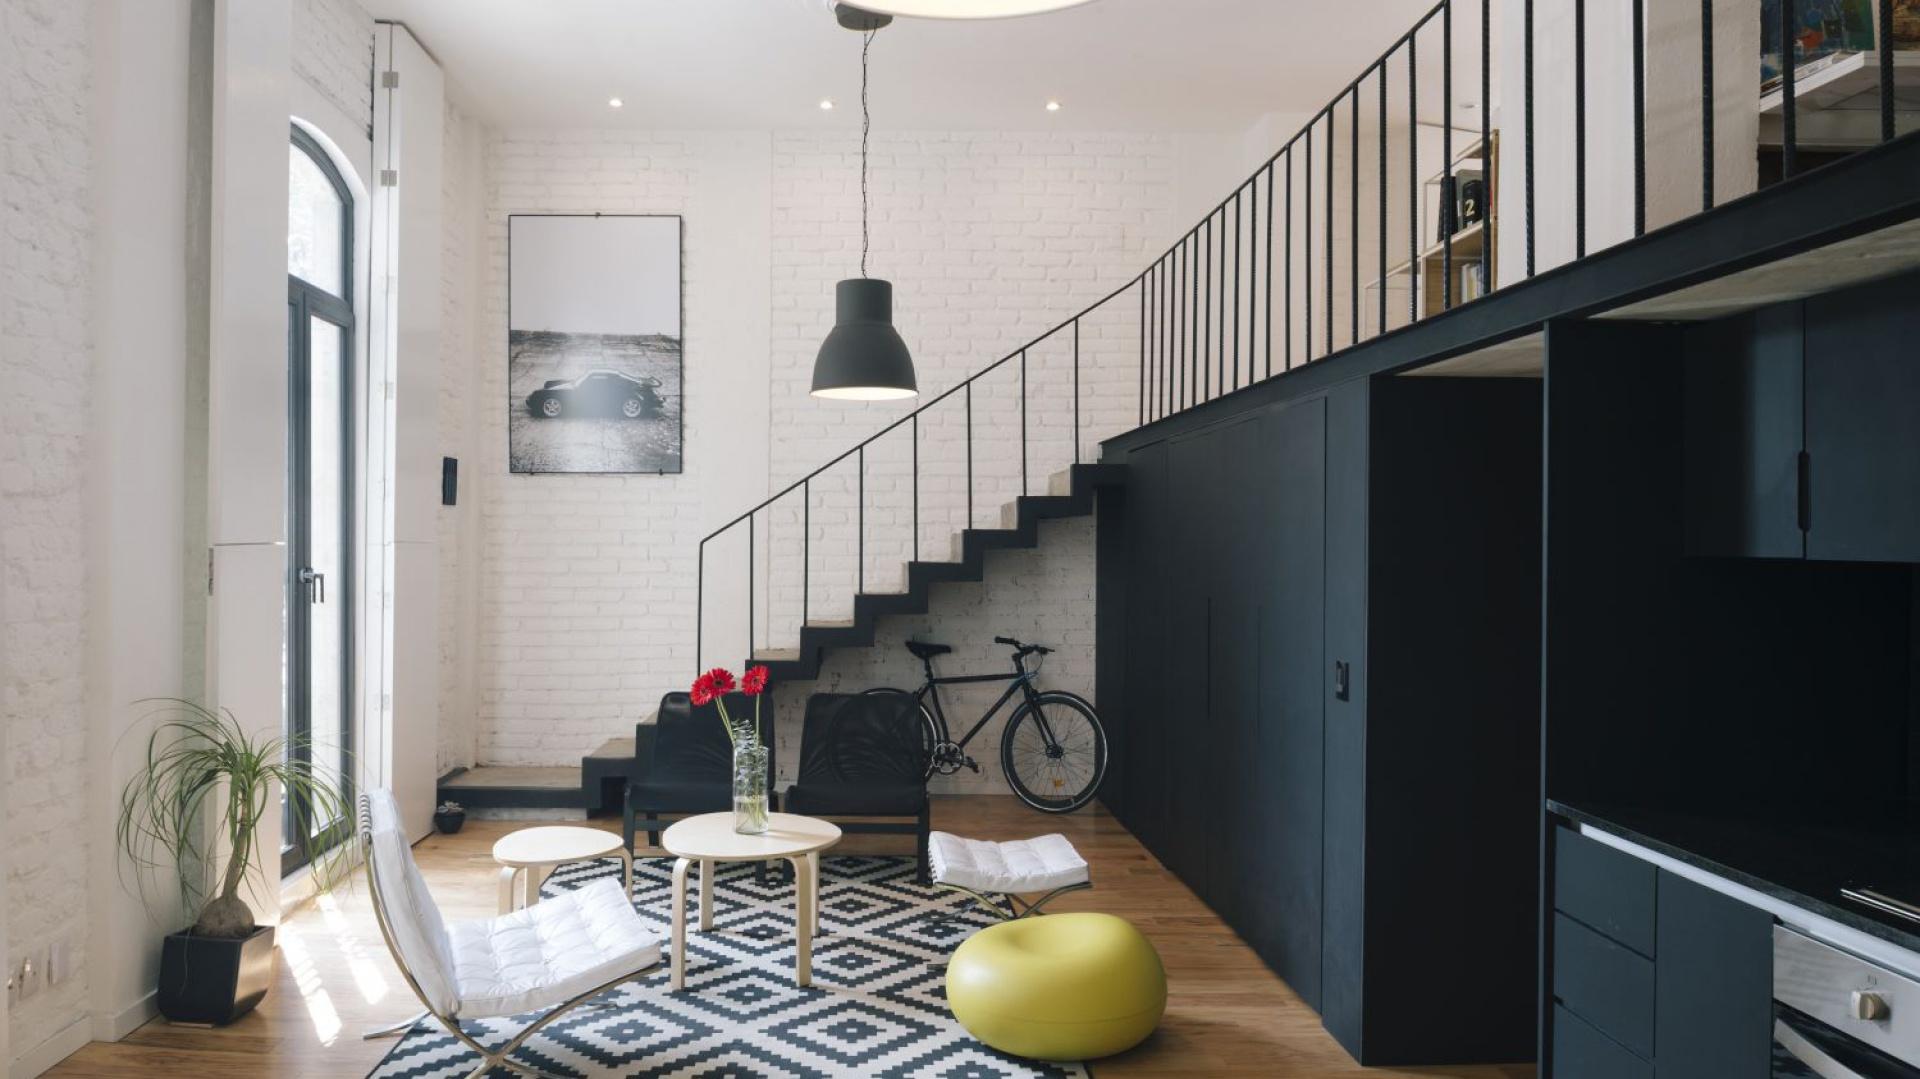 Czarne metalowe schody na tle ściany z pomalowaną na biało cegłą tworzą efektowny kontrast wpisujący się w stylistykę loftową. Projekt: Eduardo Cadaval & Clara Solà-Morales. Fot. Miguel de Guzmán.